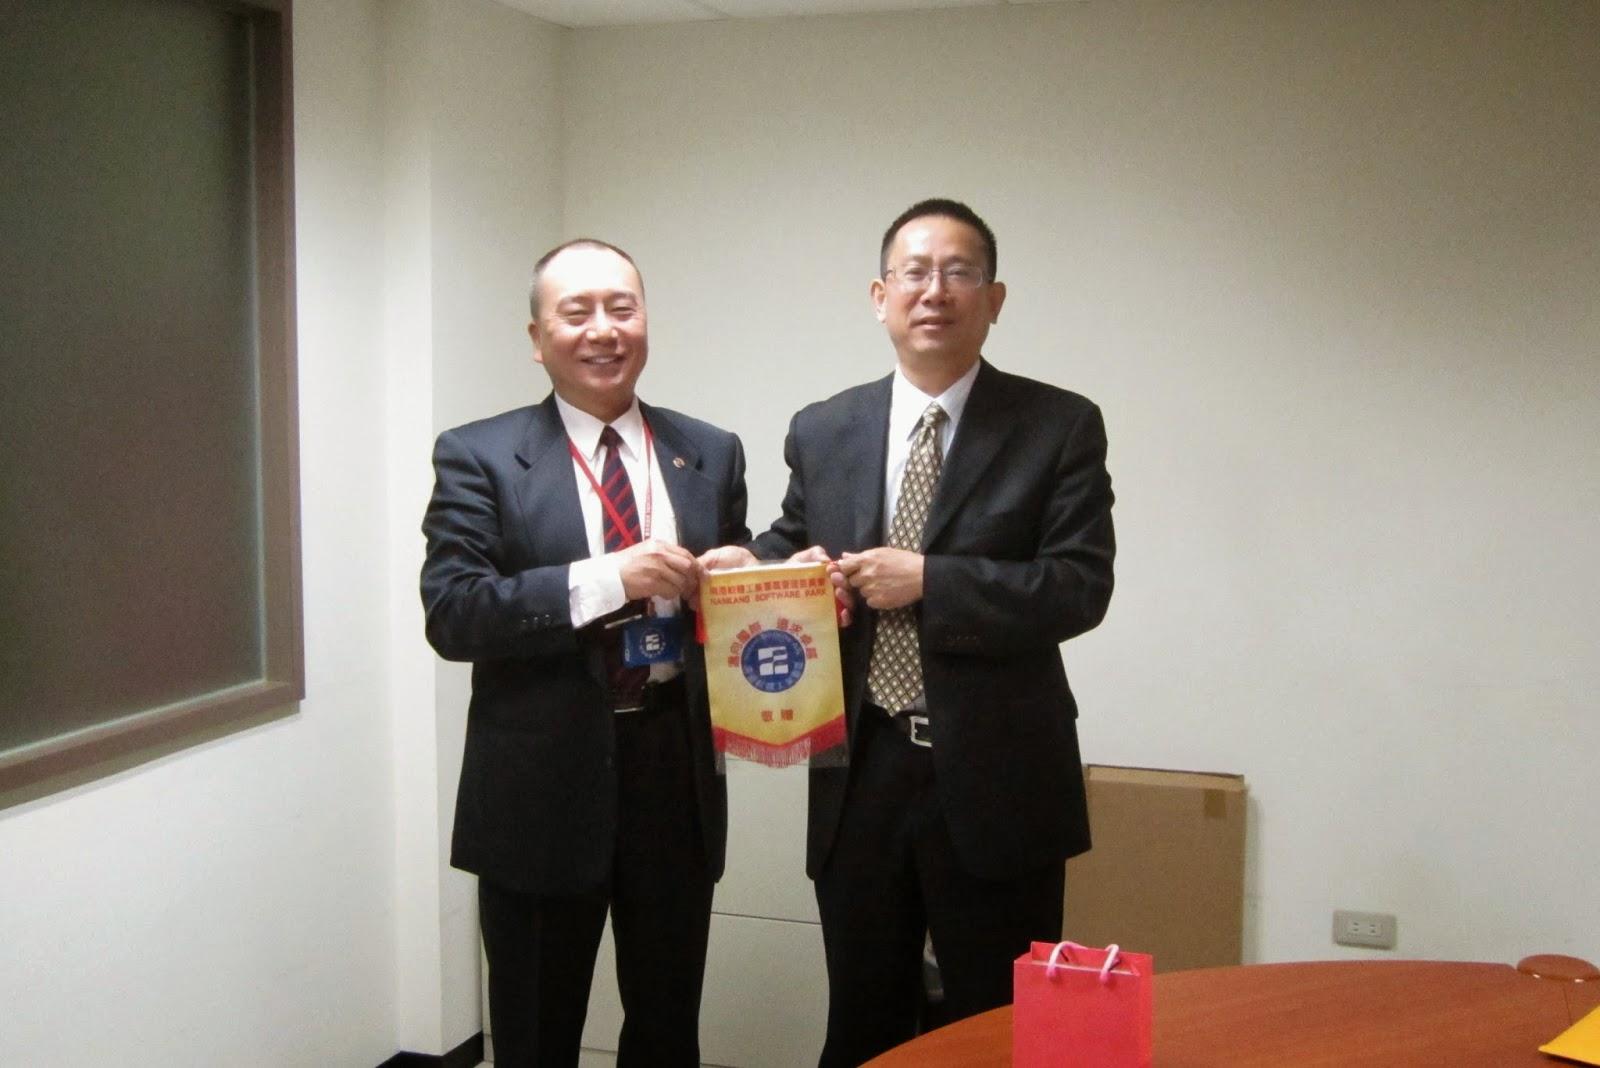 嘉興經濟技術開發區管委會參訪團